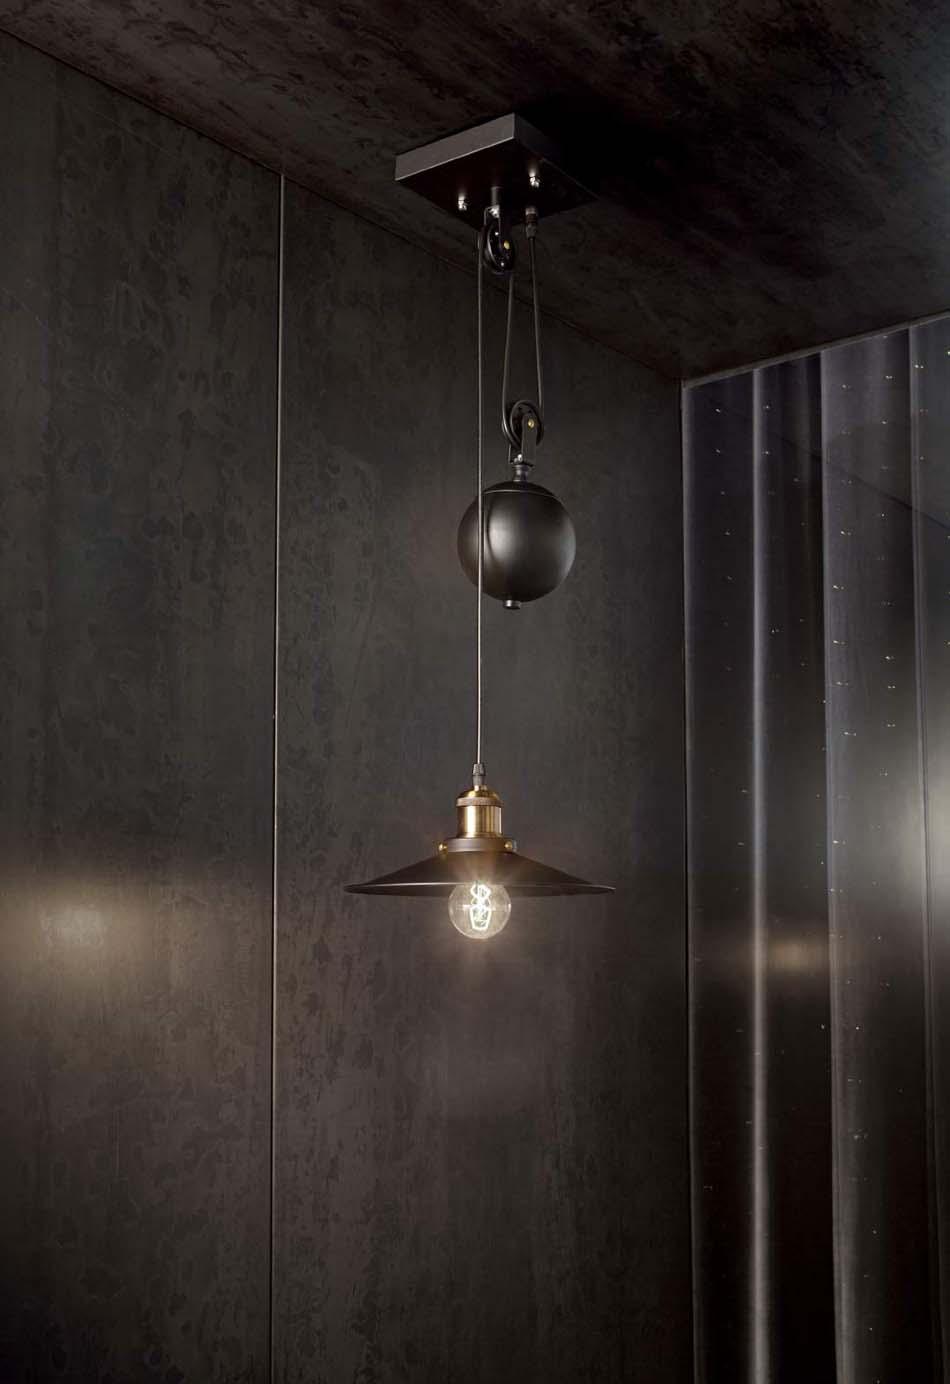 Lampade 17 sospensione Ideal Lux Up and down – Bruni Arredamenti